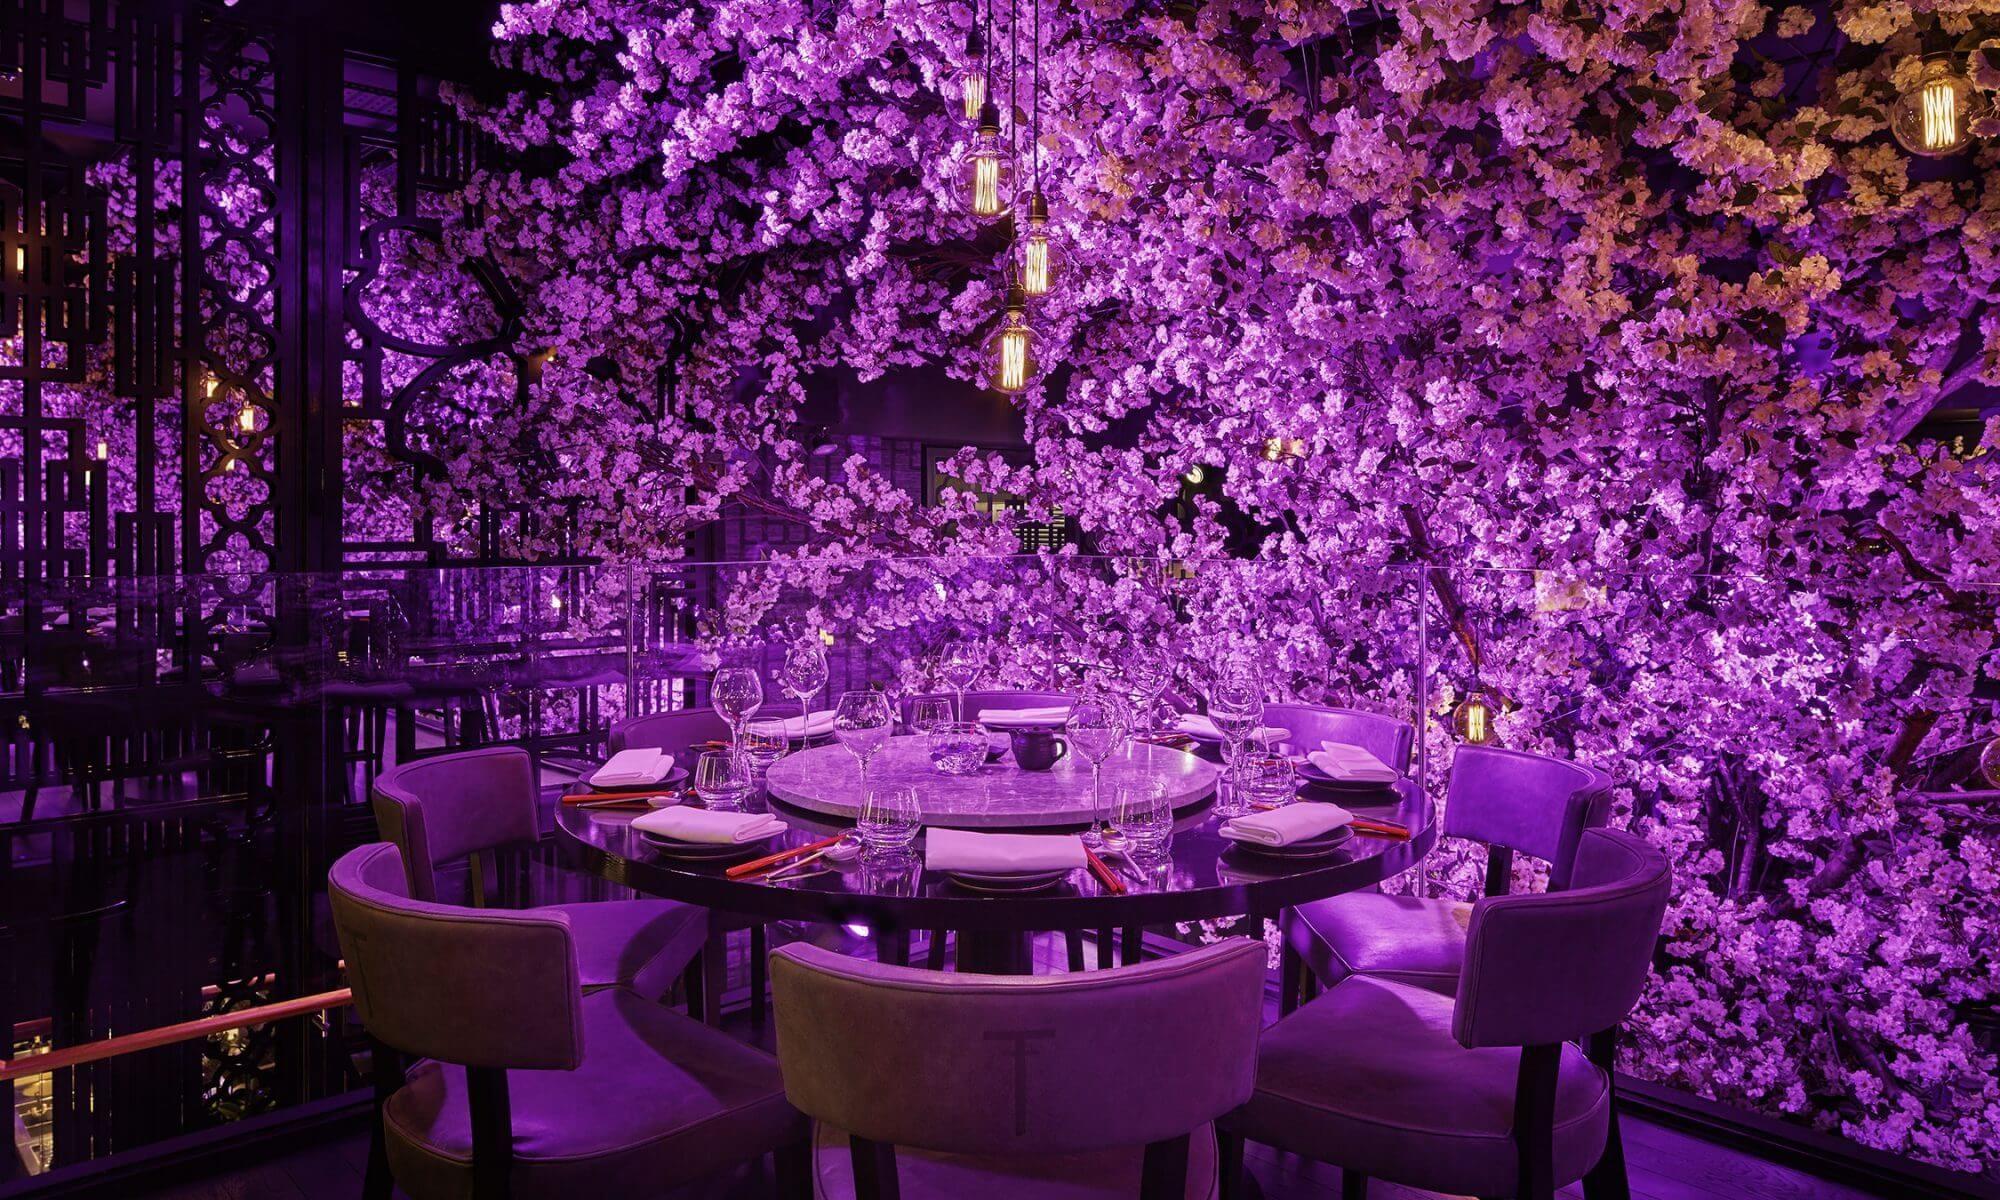 Tattu Restaurant And Bar Leeds Tattu Blossom Trees Bar Design Restaurant Restaurant Interior Design